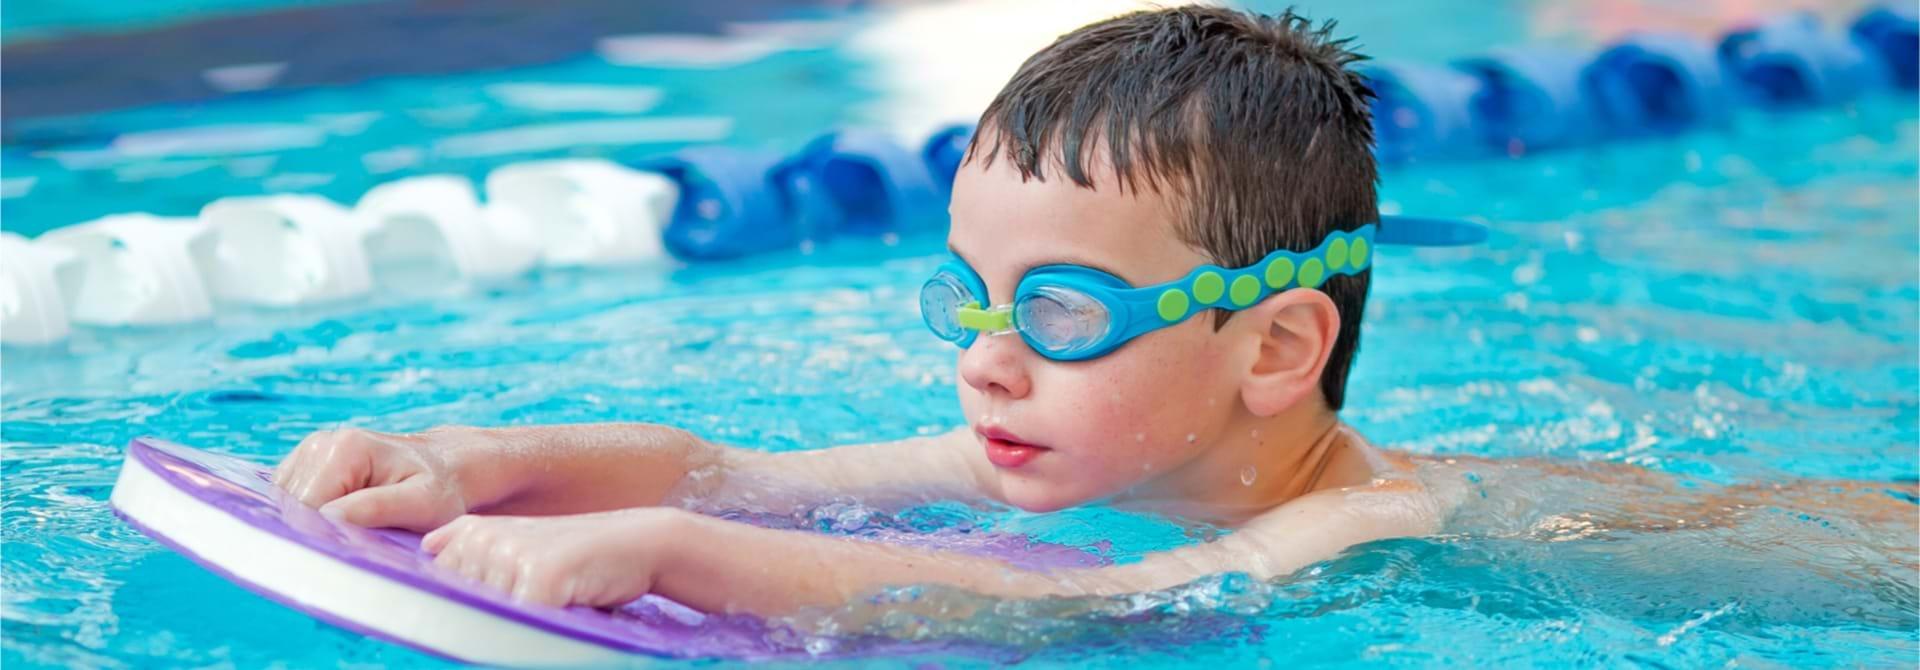 Svømning Nybegynder Stock Web